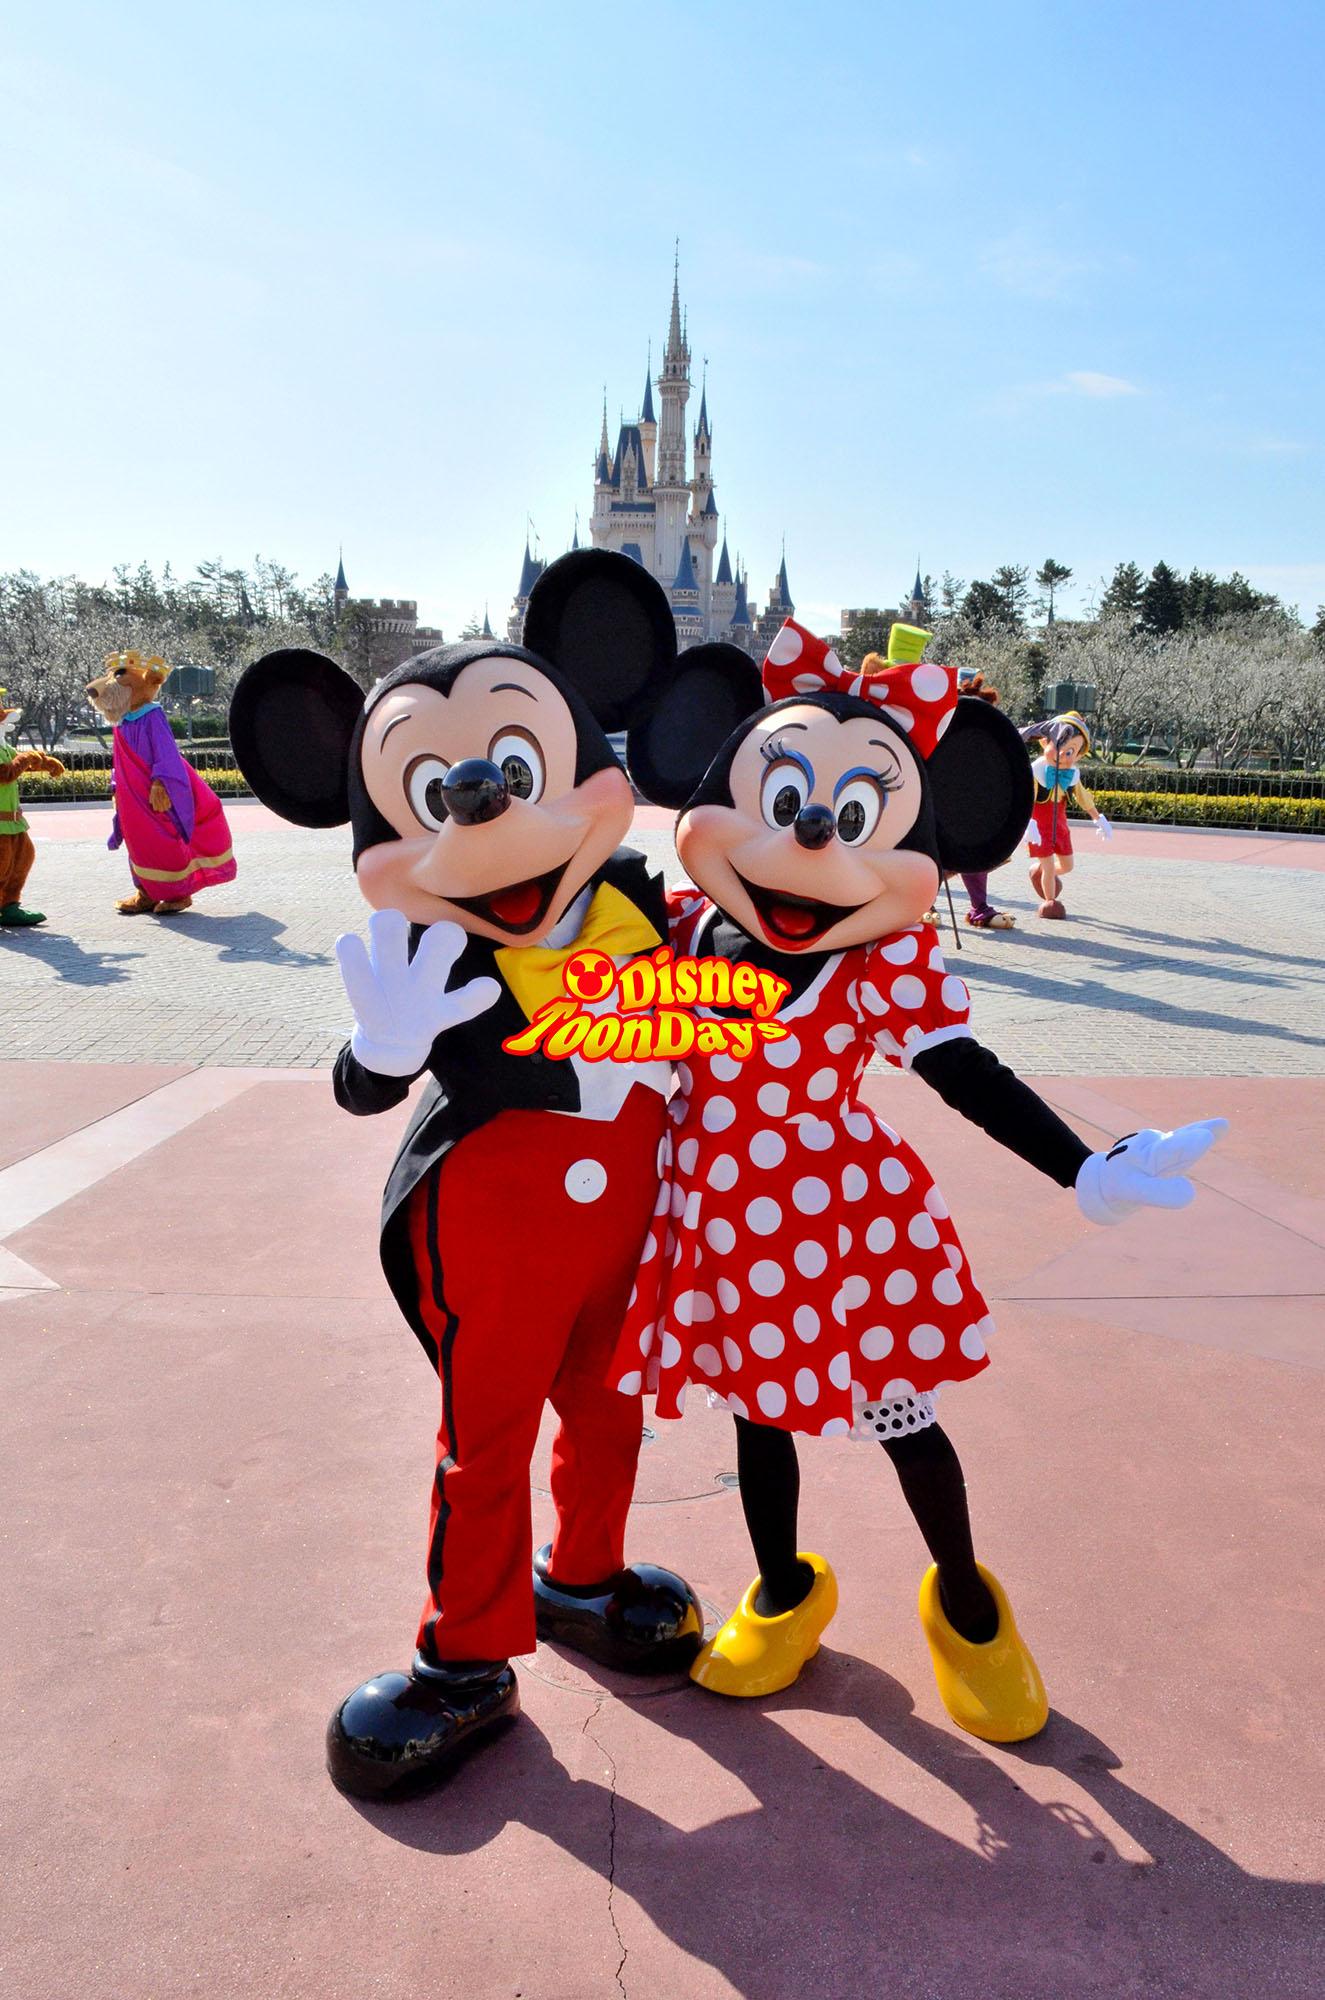 TDL 東京ディズニーランドハッピー15エントリー ミッキーマウス ミニーマウス